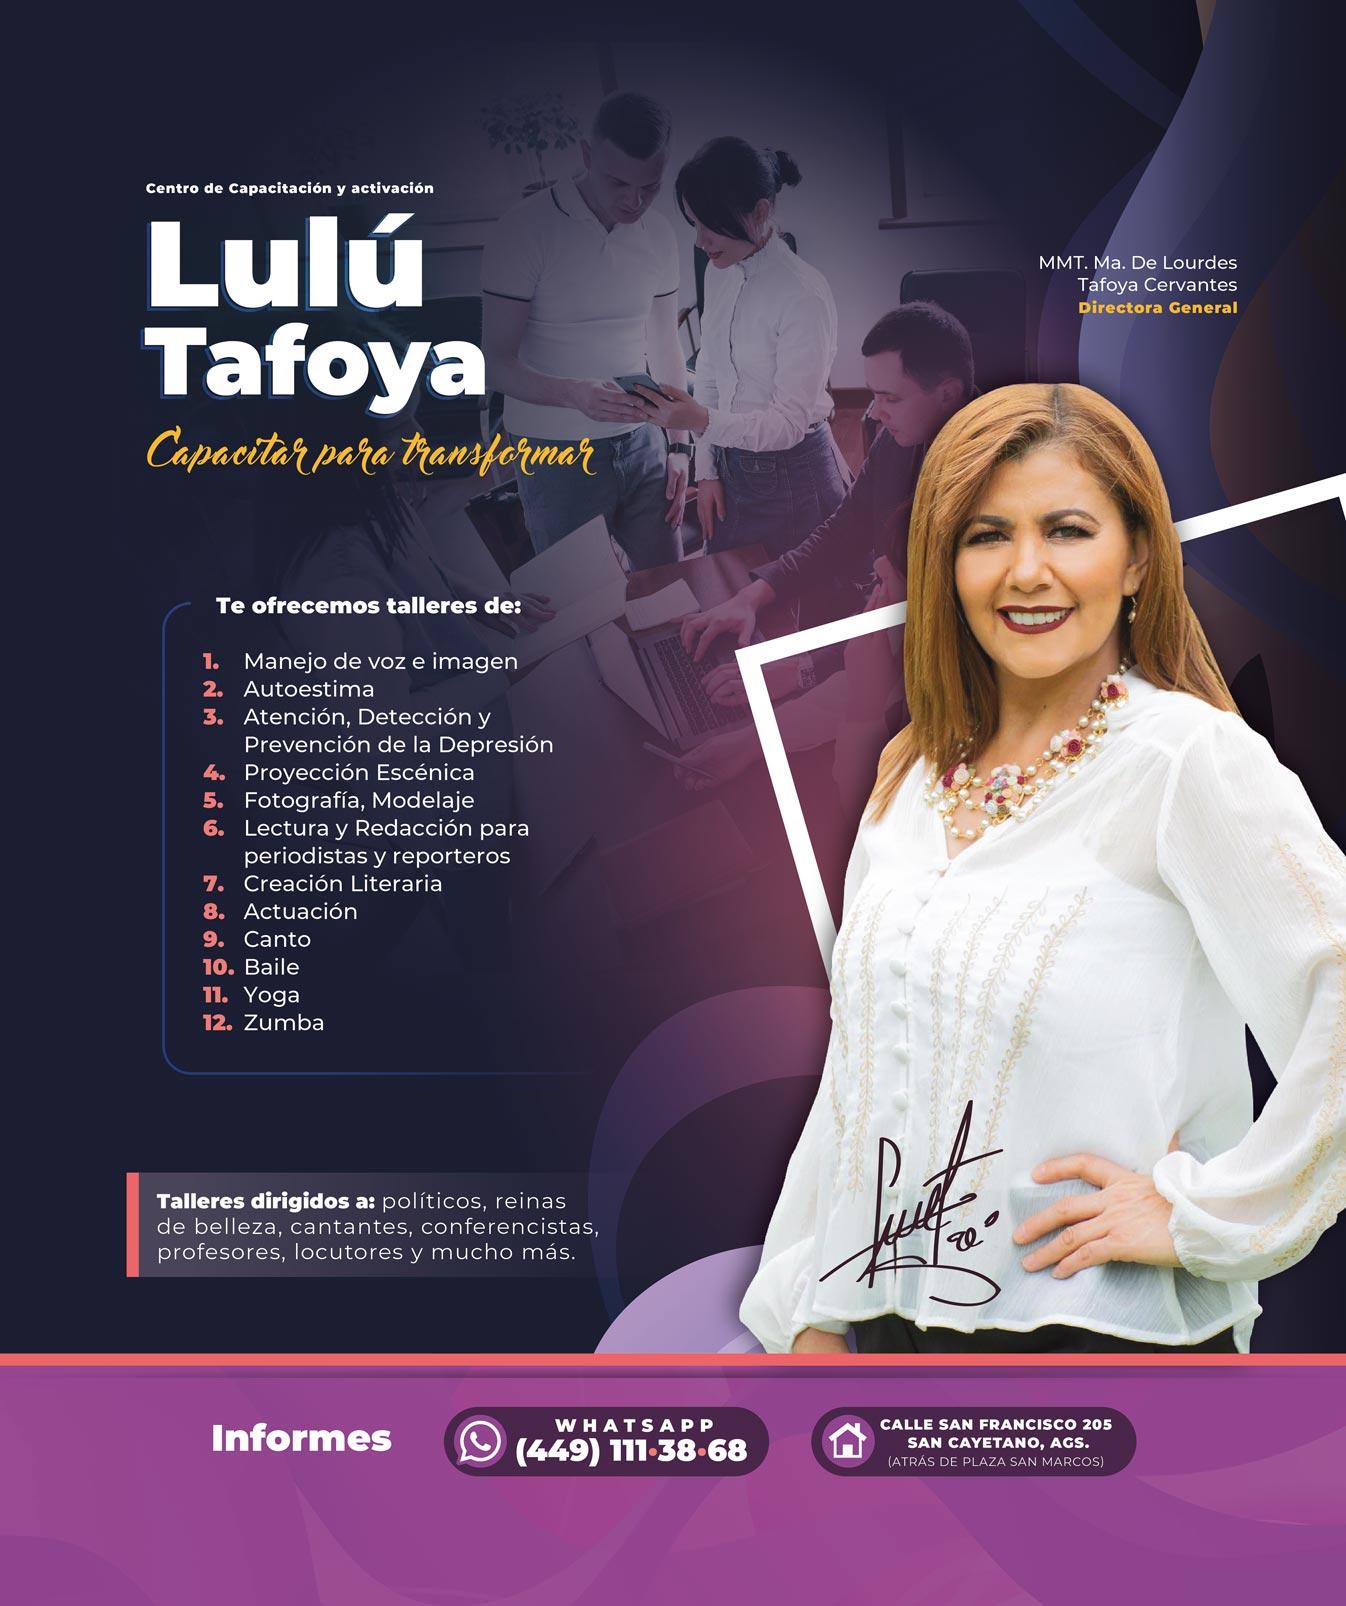 LULU-TAFOYA